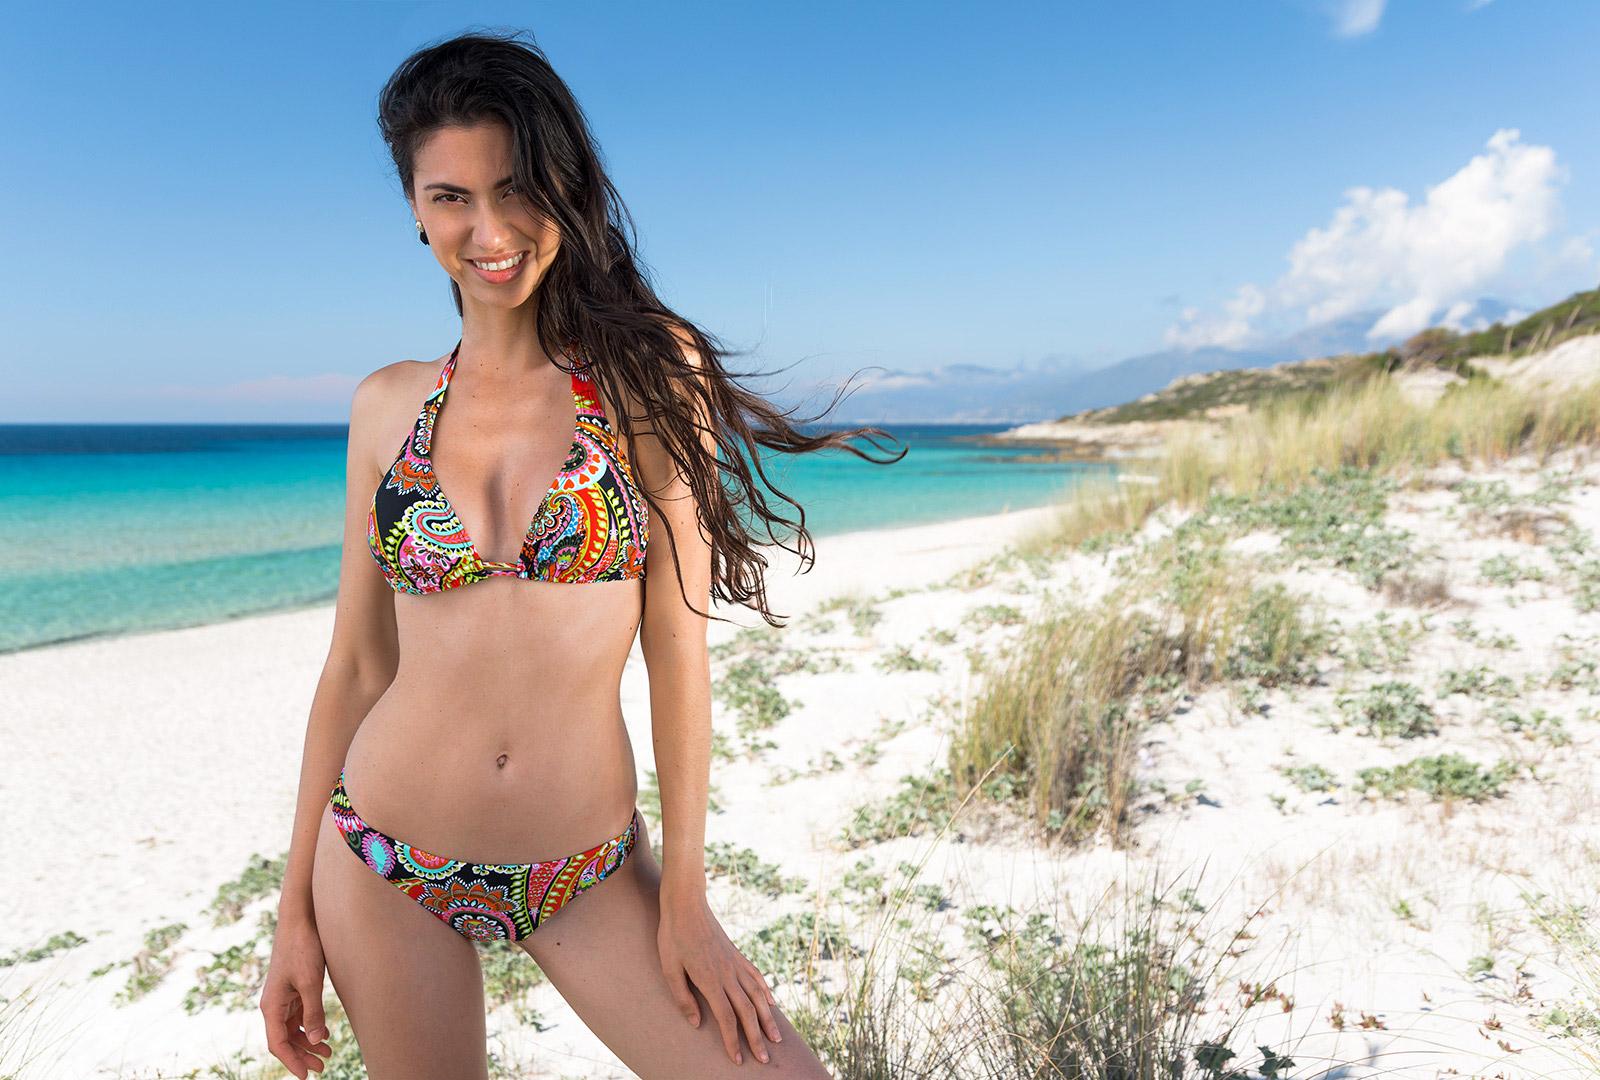 5bd55d1e8fac1 Buntes Triangle-bikini-oberteil Aus Tuch - Top Rumba Tri Halter